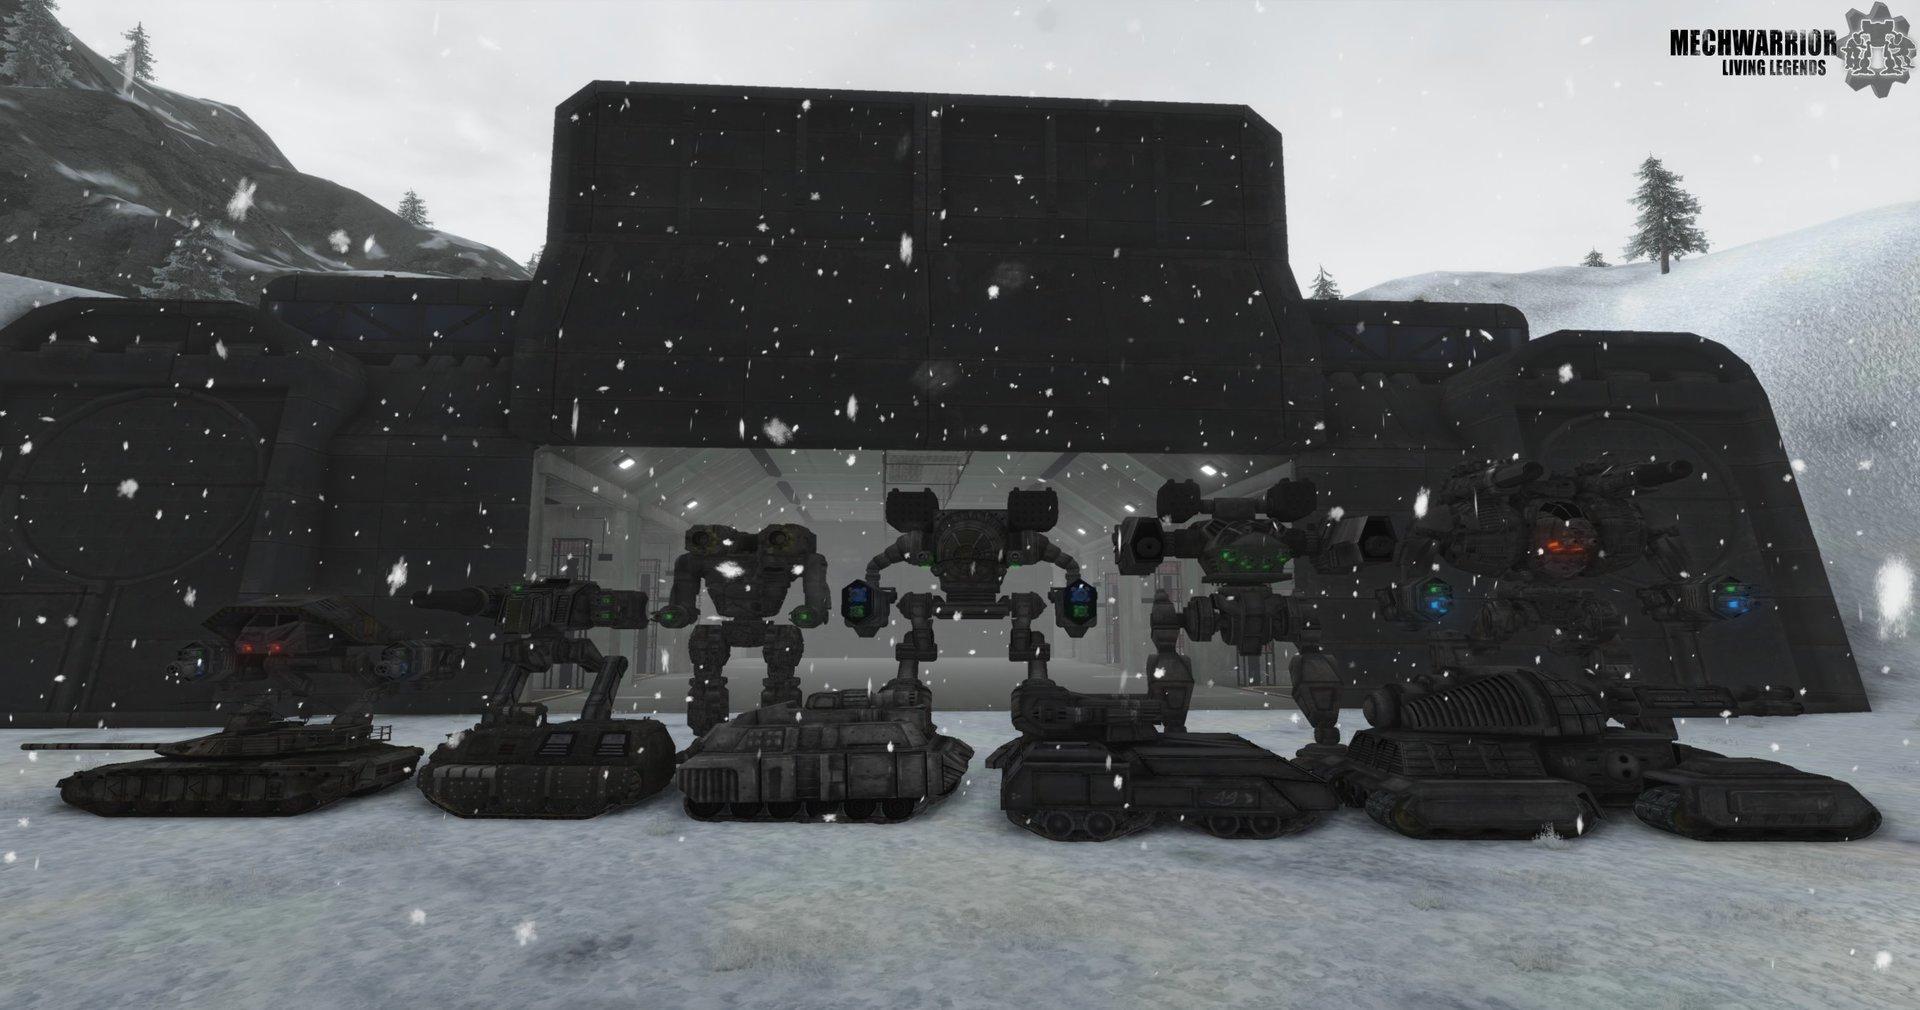 Größenverhältnisse: Mechs und Panzer des Clans